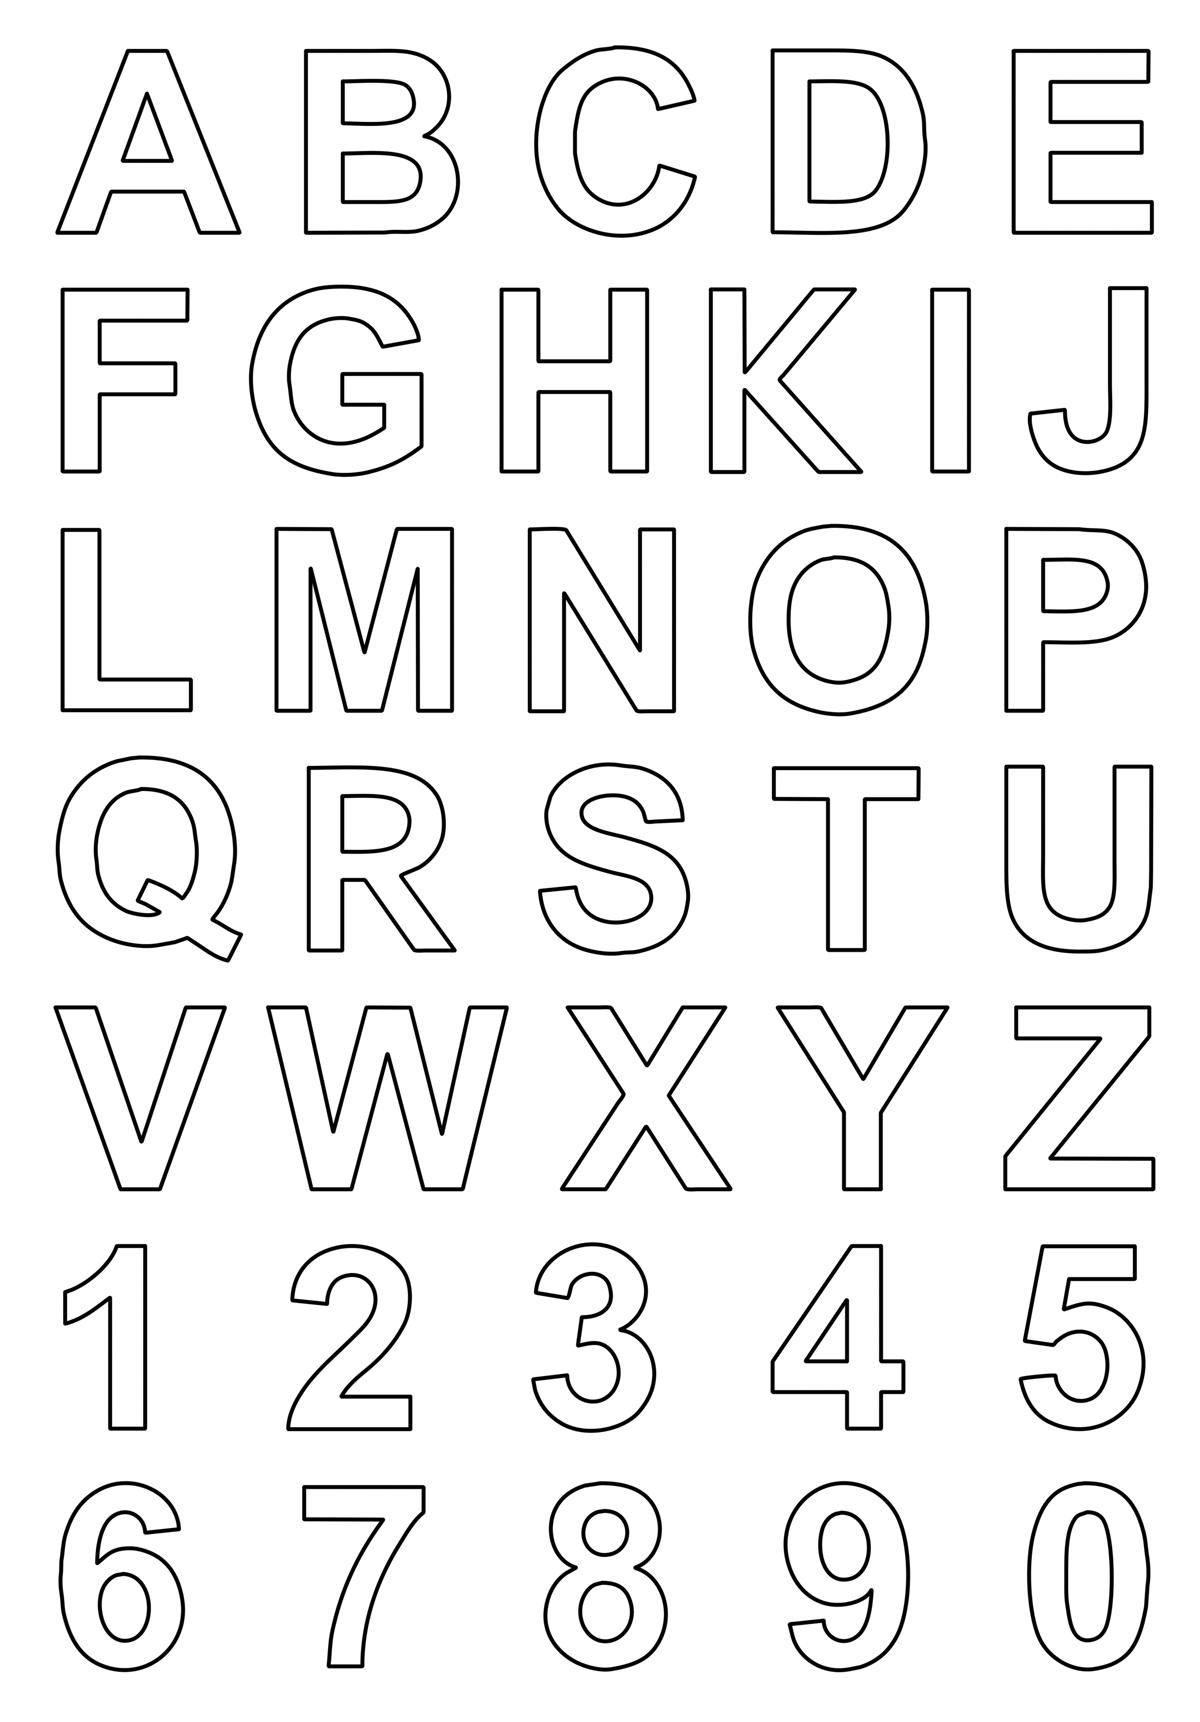 Lettere e numeri lettere e numeri stampatello - Lettere animali da stampare ...